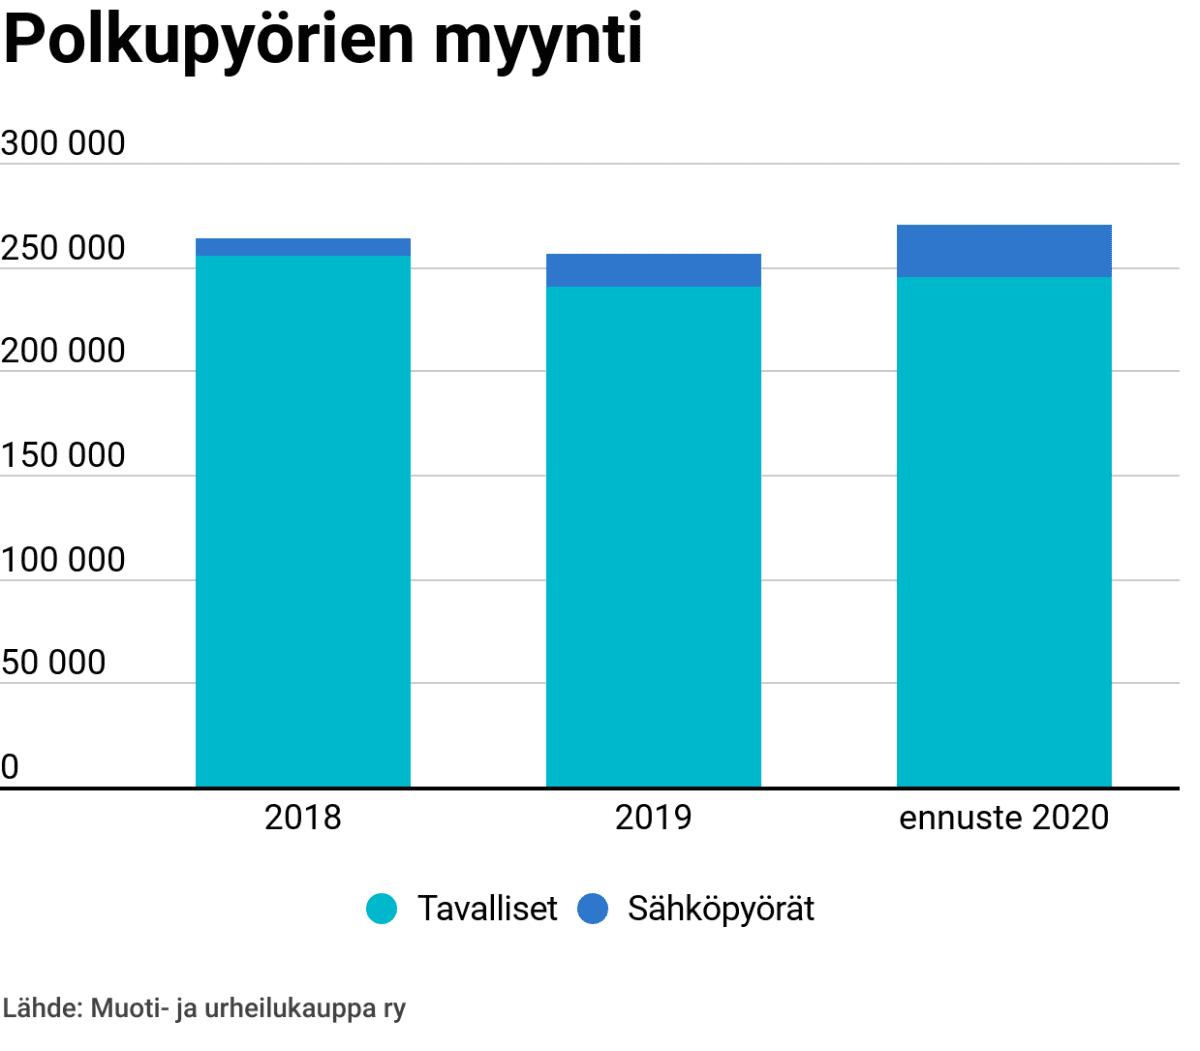 Grafiikka polkupyörien myyntimääristä vuosina 2018-2020, sähköpyörien myynti on selvässä kasvussa.